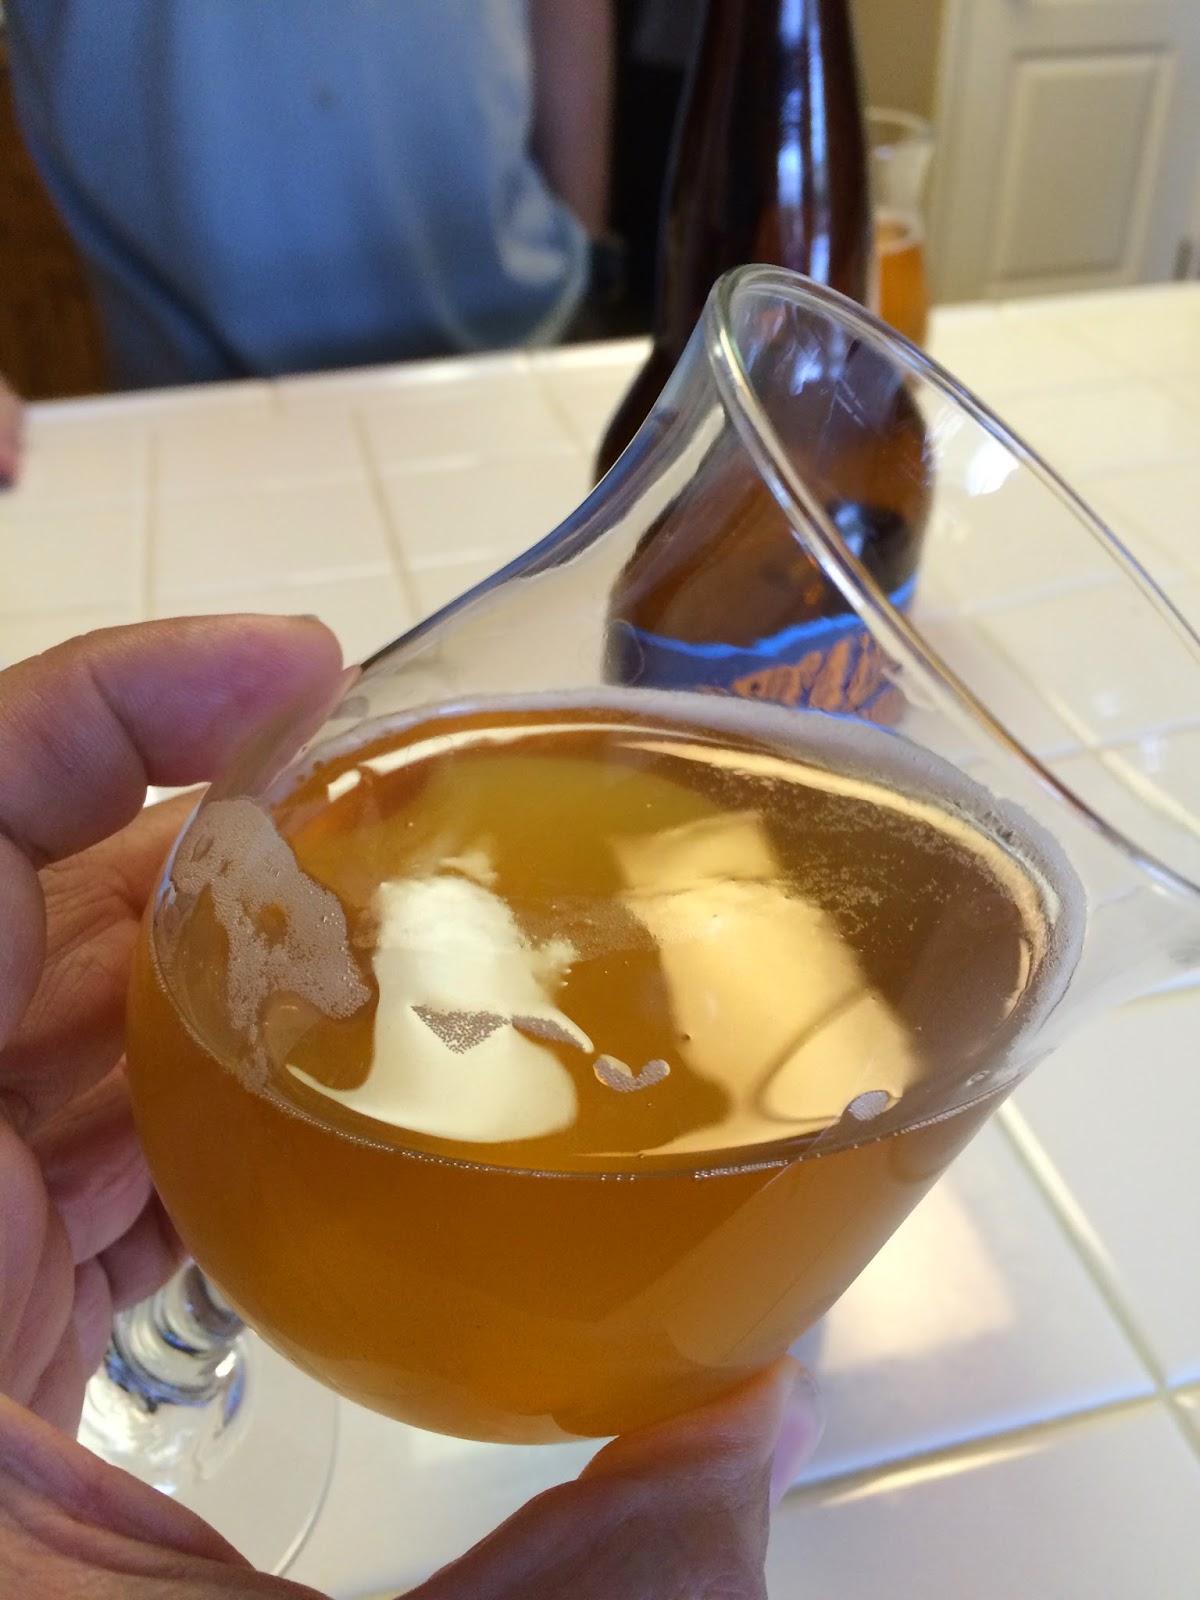 Petaluma Hills Belgian blonde ale 3